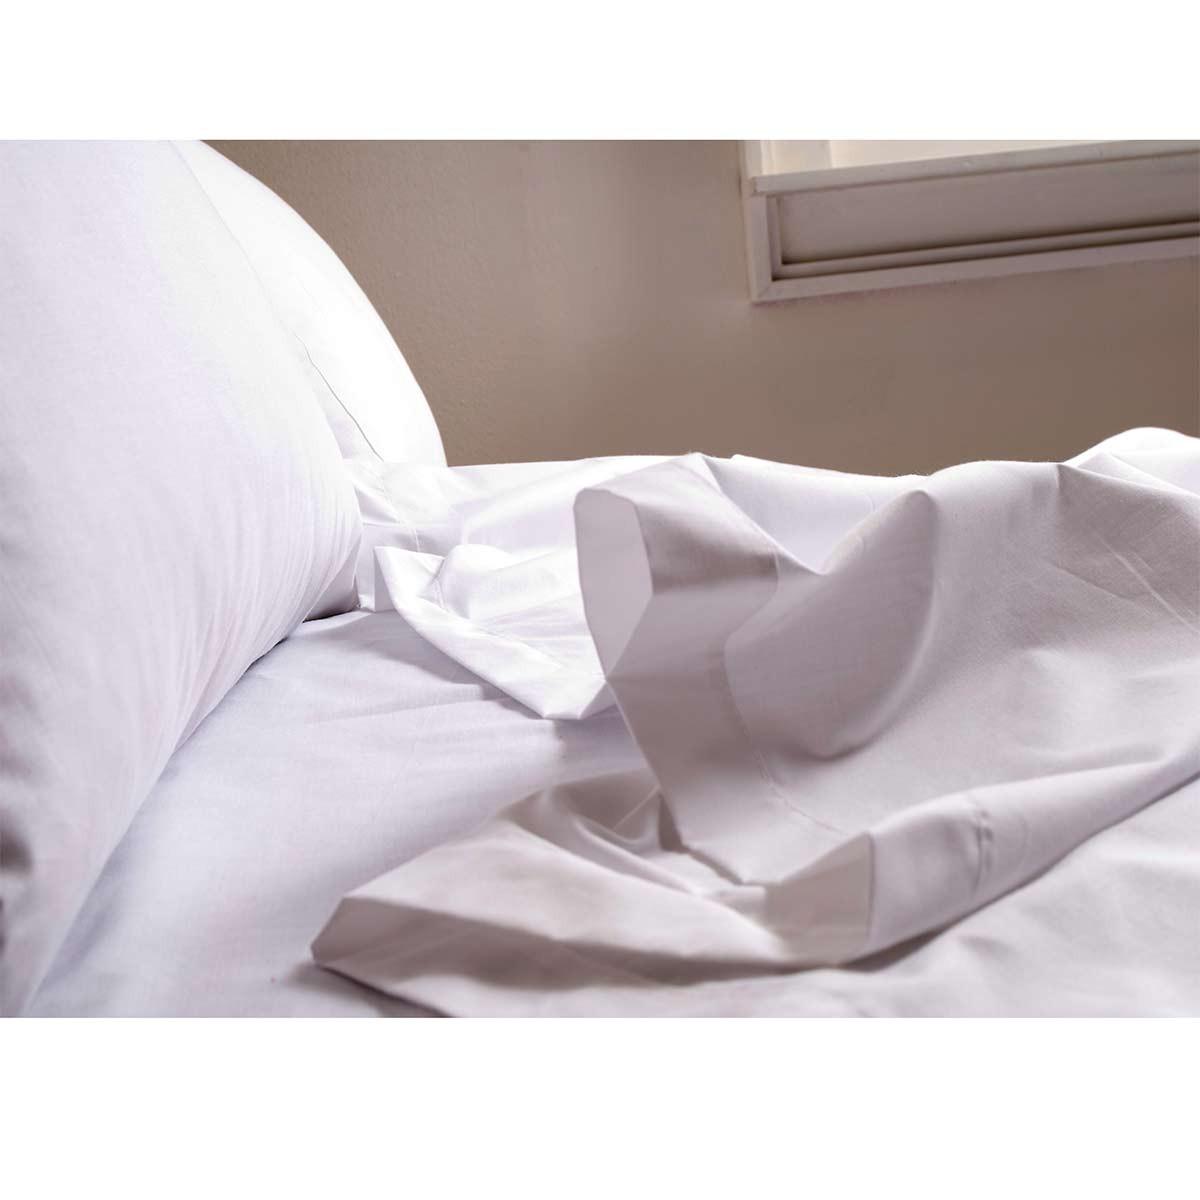 Σεντόνι Μονό Λευκό (160×260) Melinen Πενιέ Περκάλι 100/100